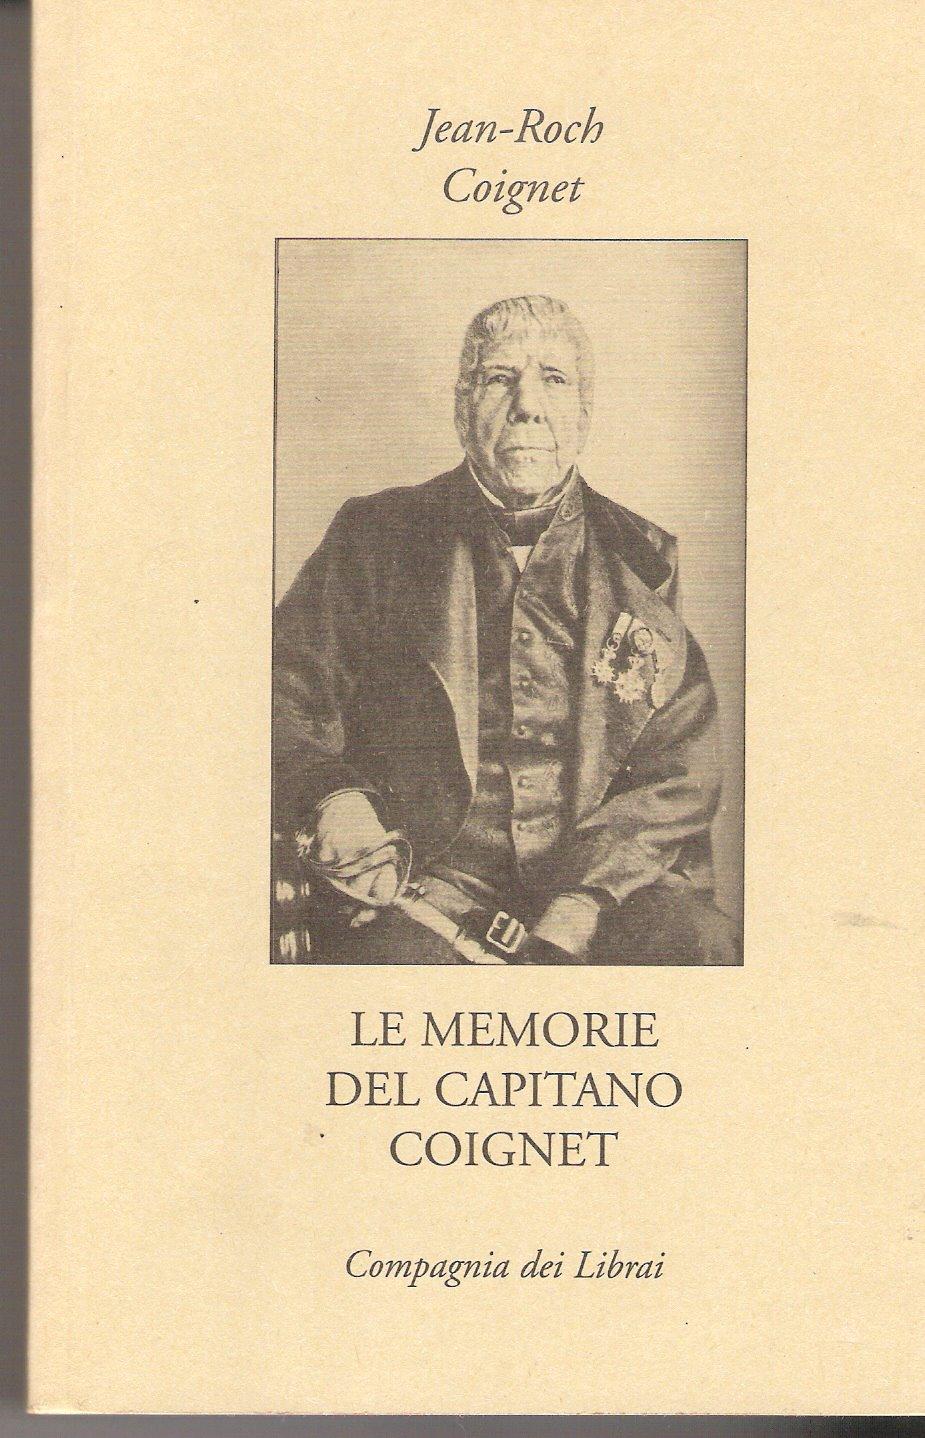 Memorie del Capitano Coignet